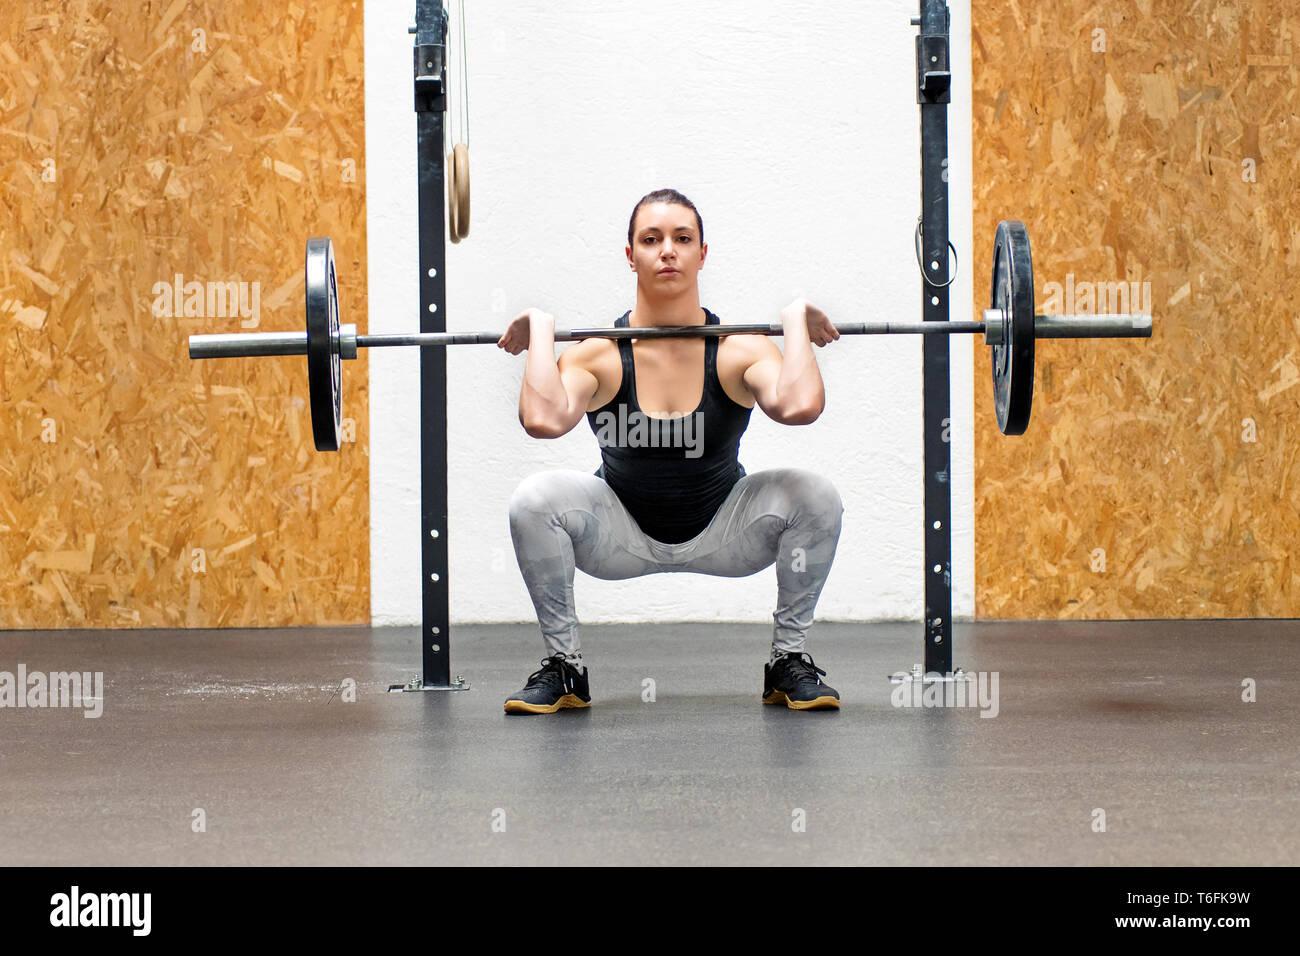 Muskulöse junge Frau eine front Squat in einer Turnhalle, ein barbell Gewicht auf den Schultern ihrer Quads und Gesäß zu stärken Stockbild